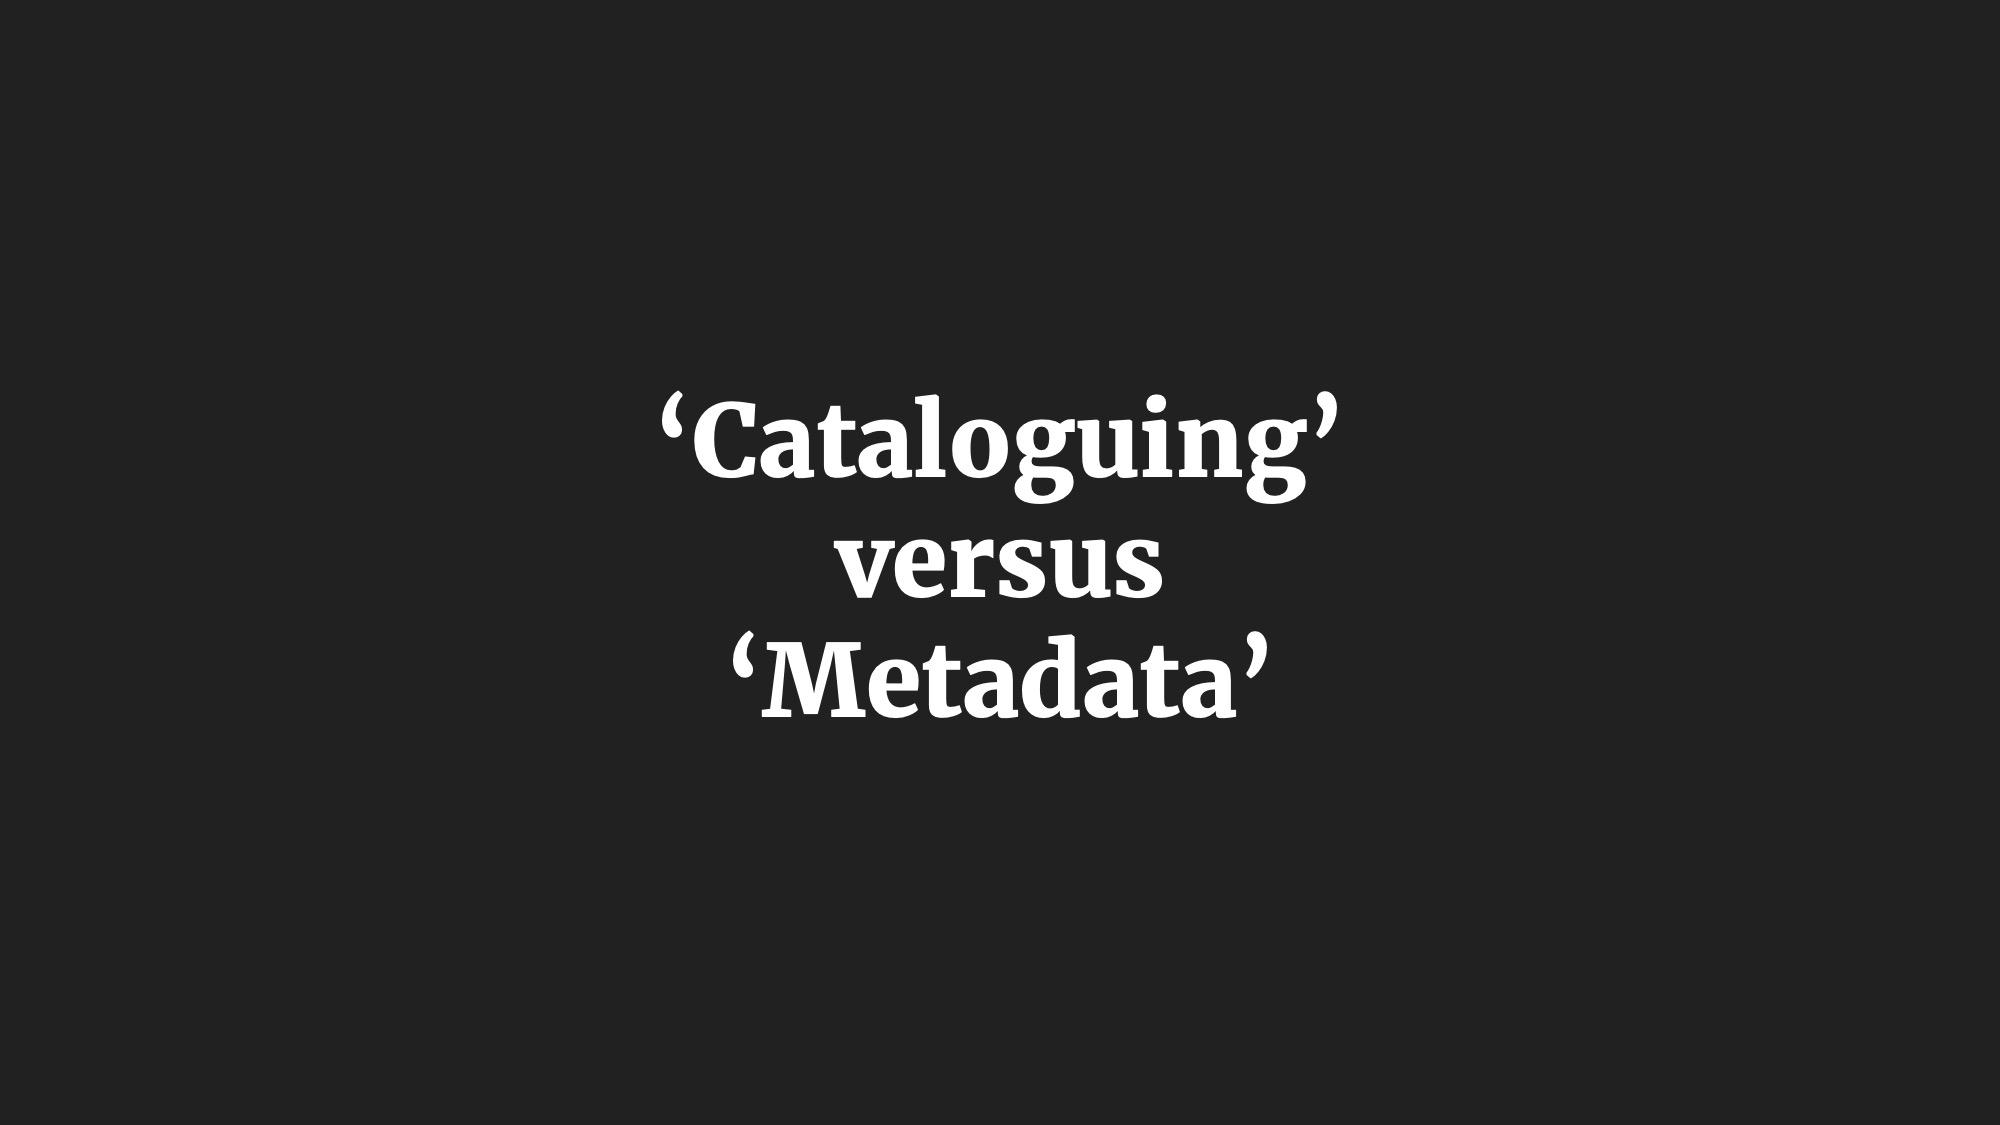 'Cataloguing' versus 'Metadata'